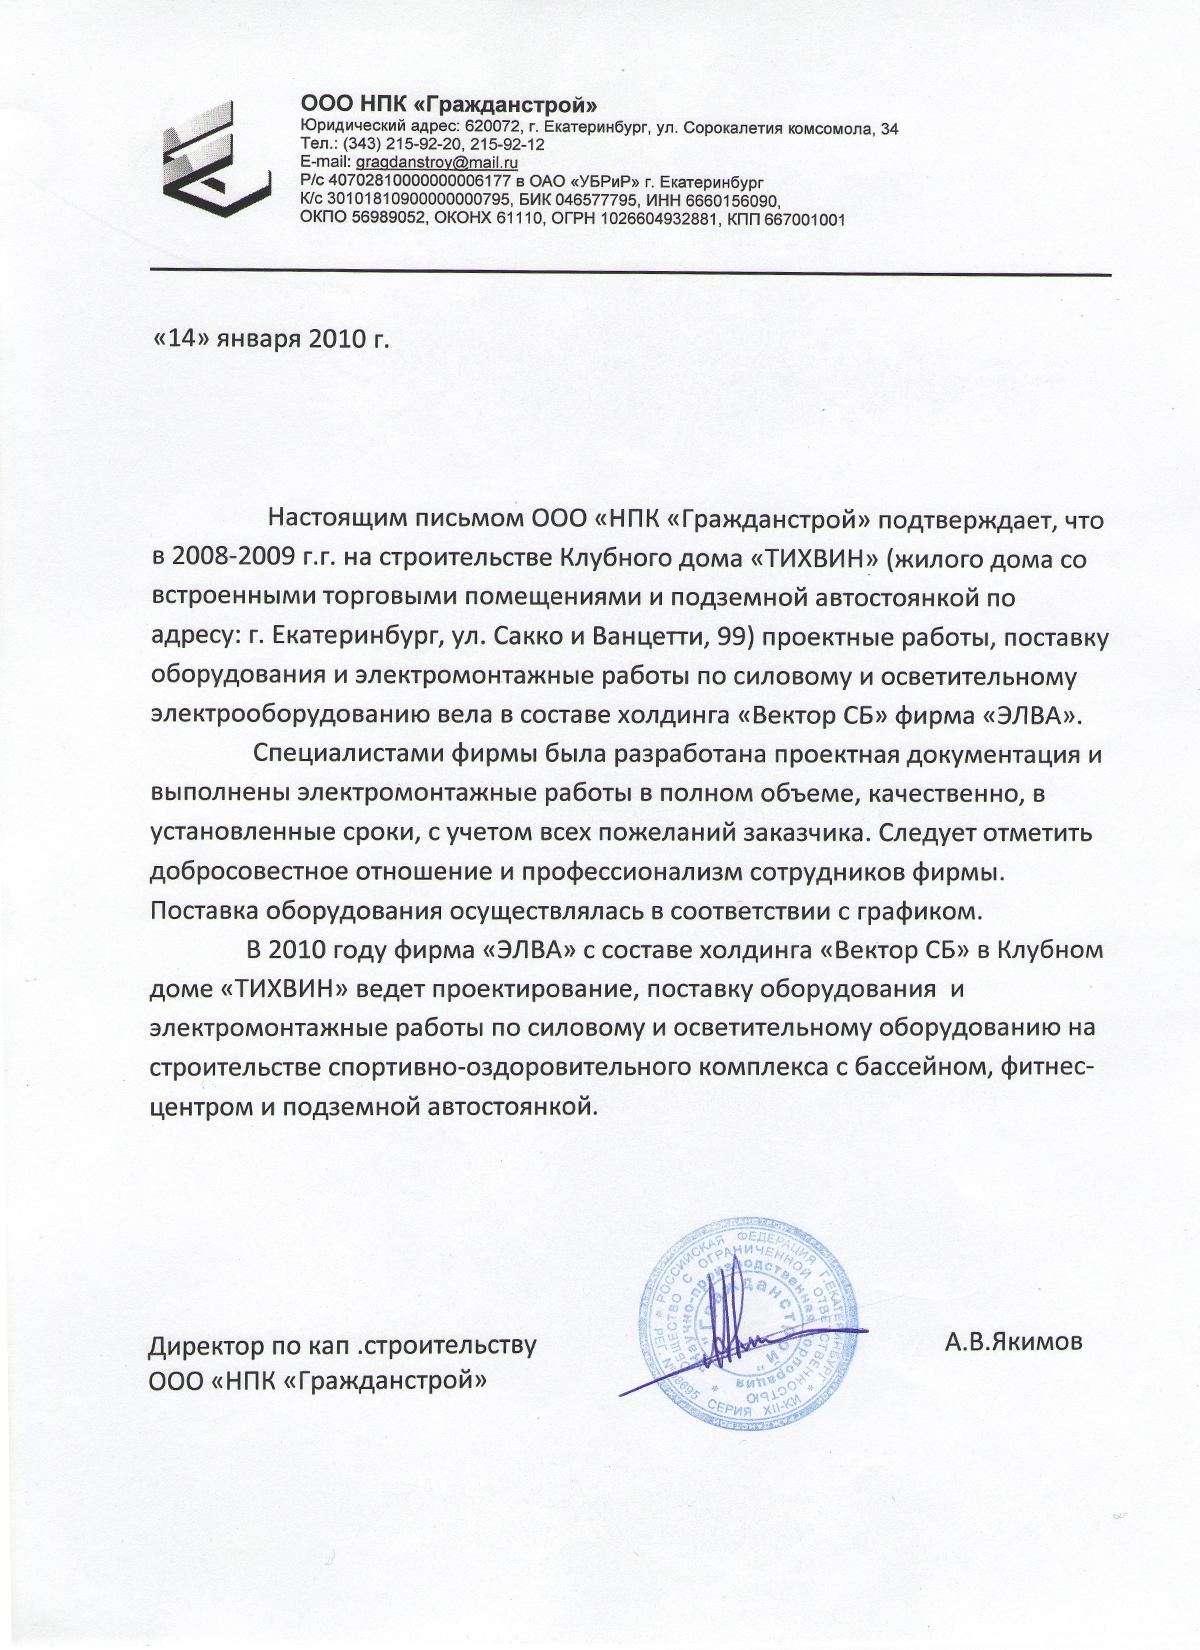 pismo-ot-grazhdanstroya-novoe_2